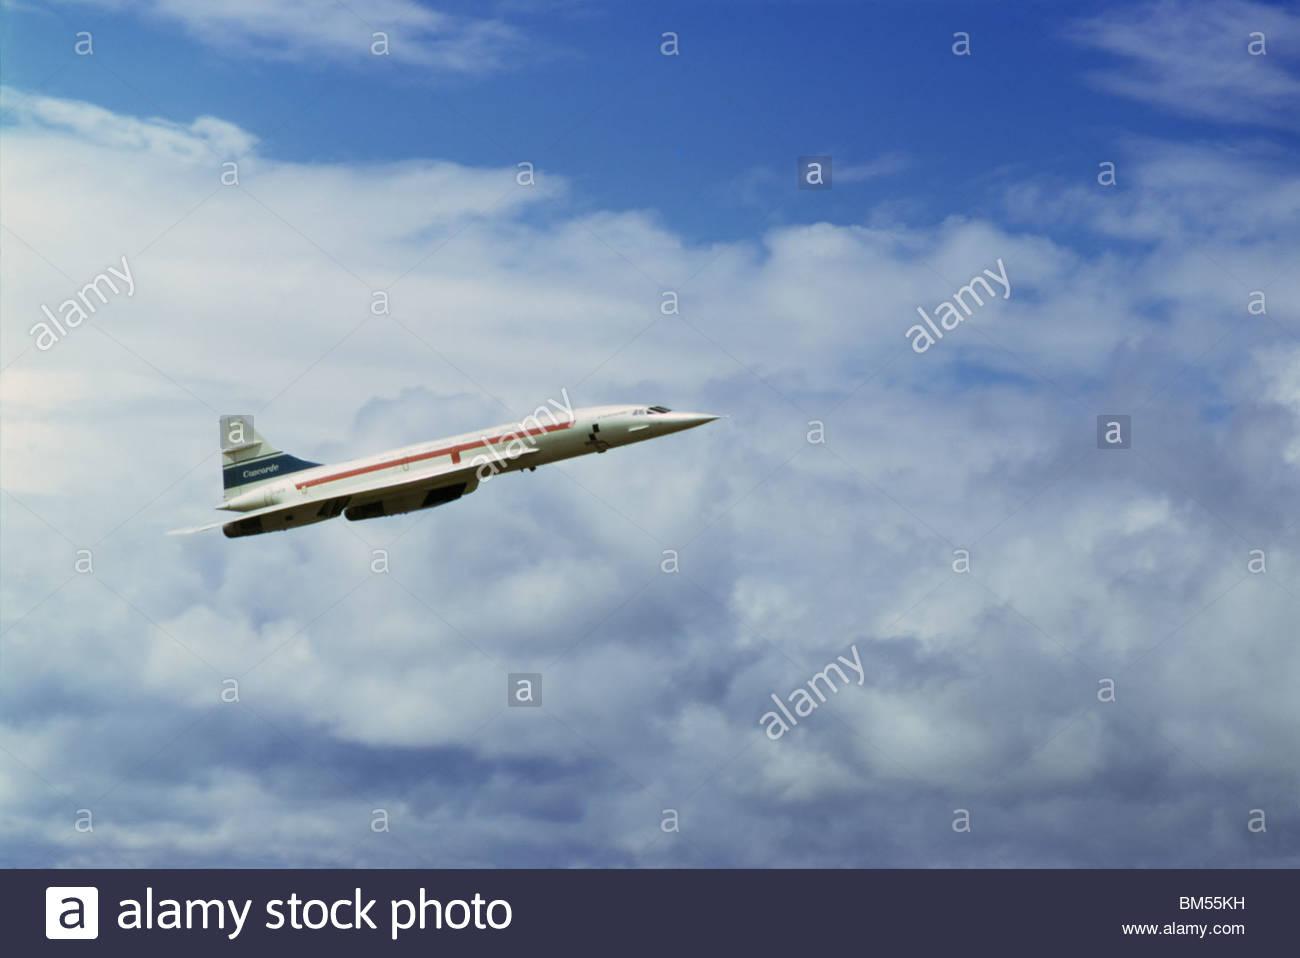 Avion Concorde 101 F-BVFC (une version de pré-production avant que la production de la version de la compagnie aérienne) Banque D'Images